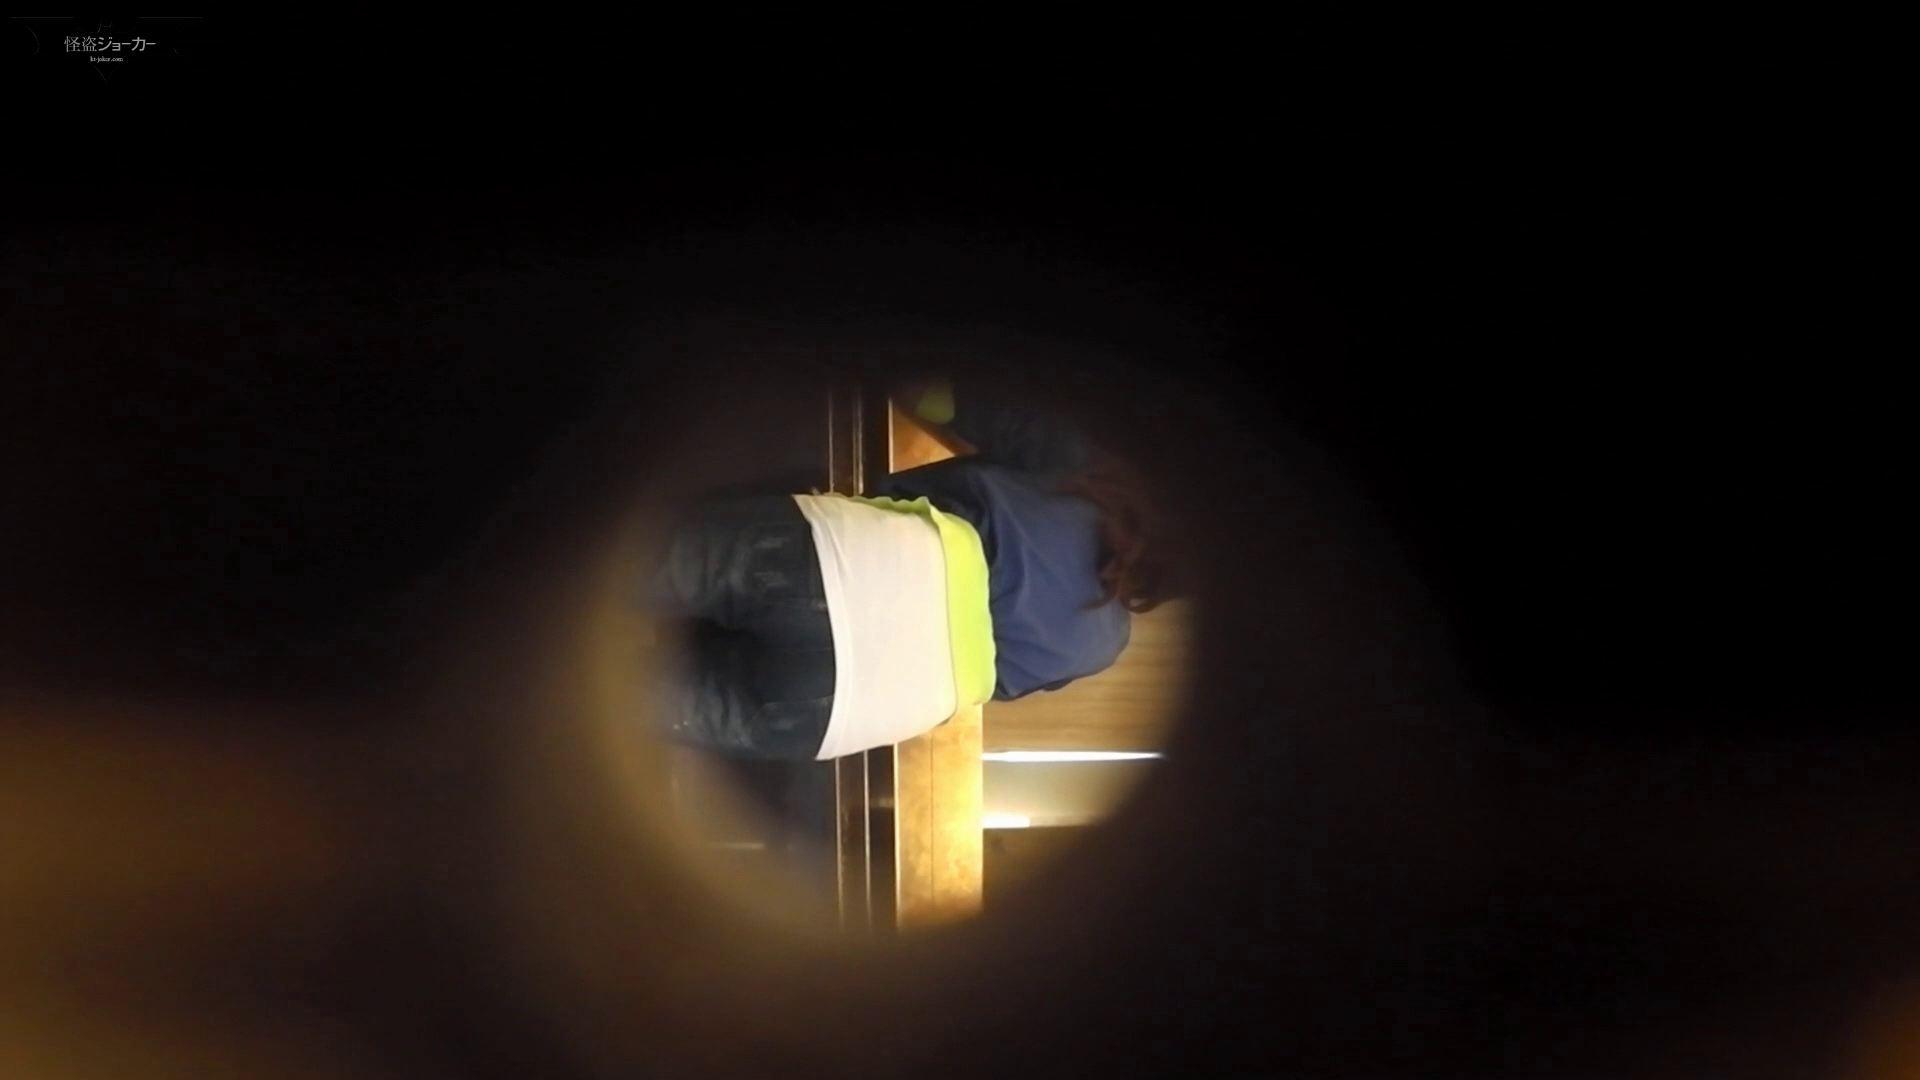 阿国ちゃんの和式洋式七変化 Vol.26 女子会開催でJD大集合! ギャルズ オメコ無修正動画無料 75画像 37